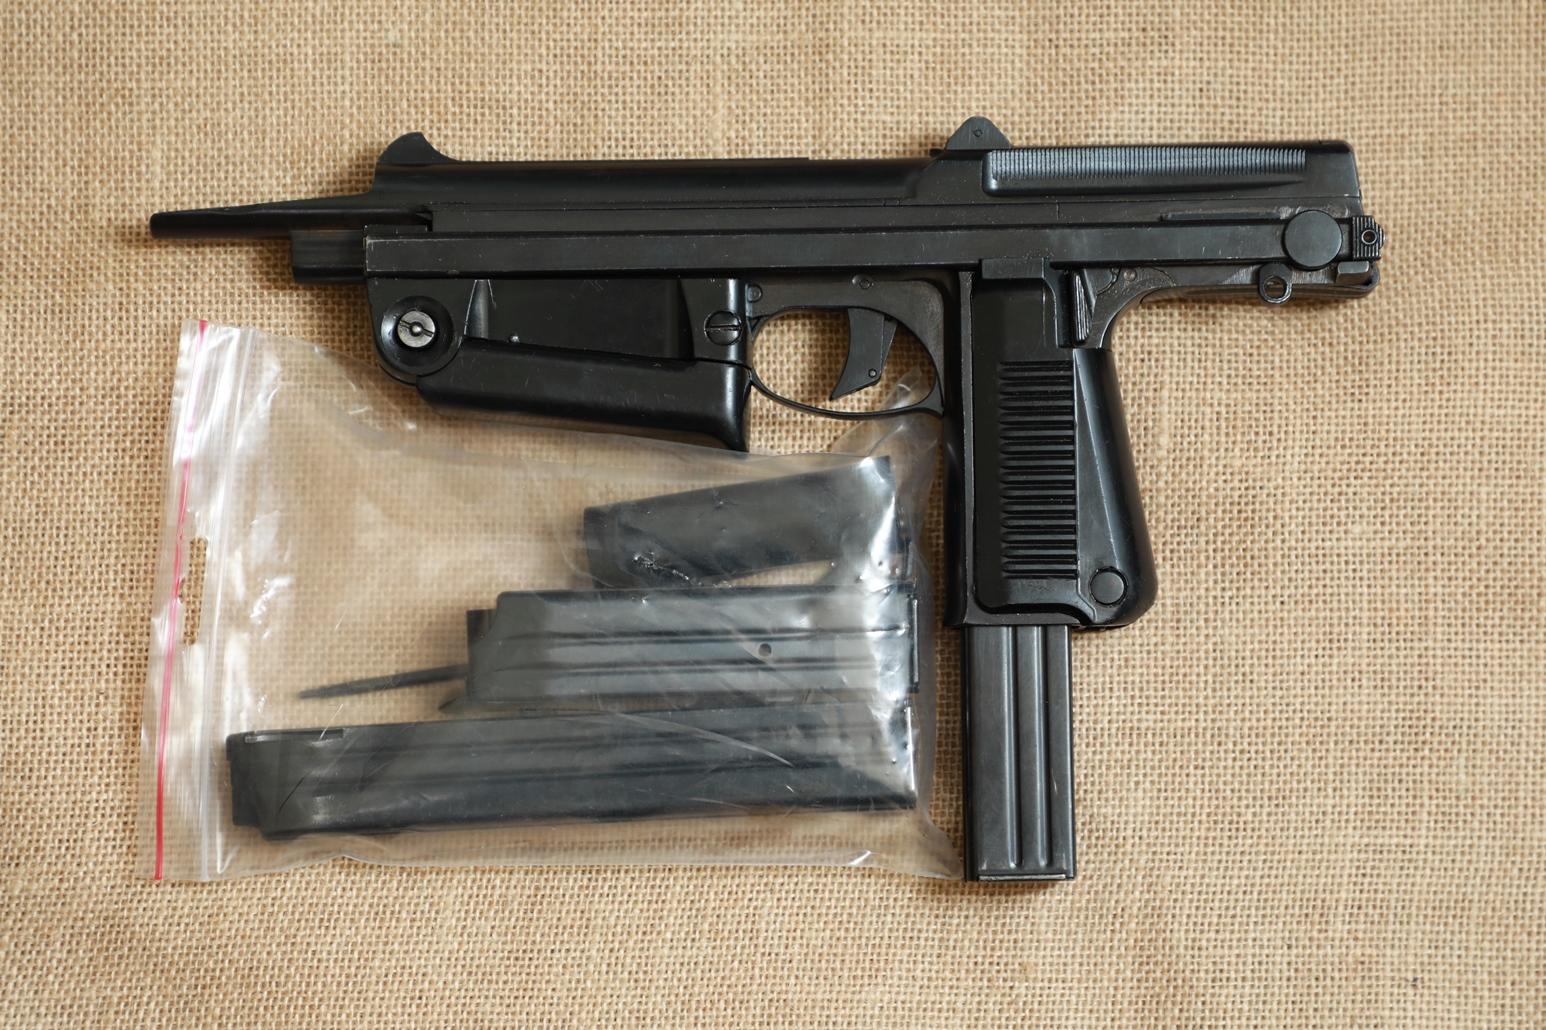 Фото Охолощенный пистолет-пулемет RAK-63 #МS 4417 1975 год, 1 категория